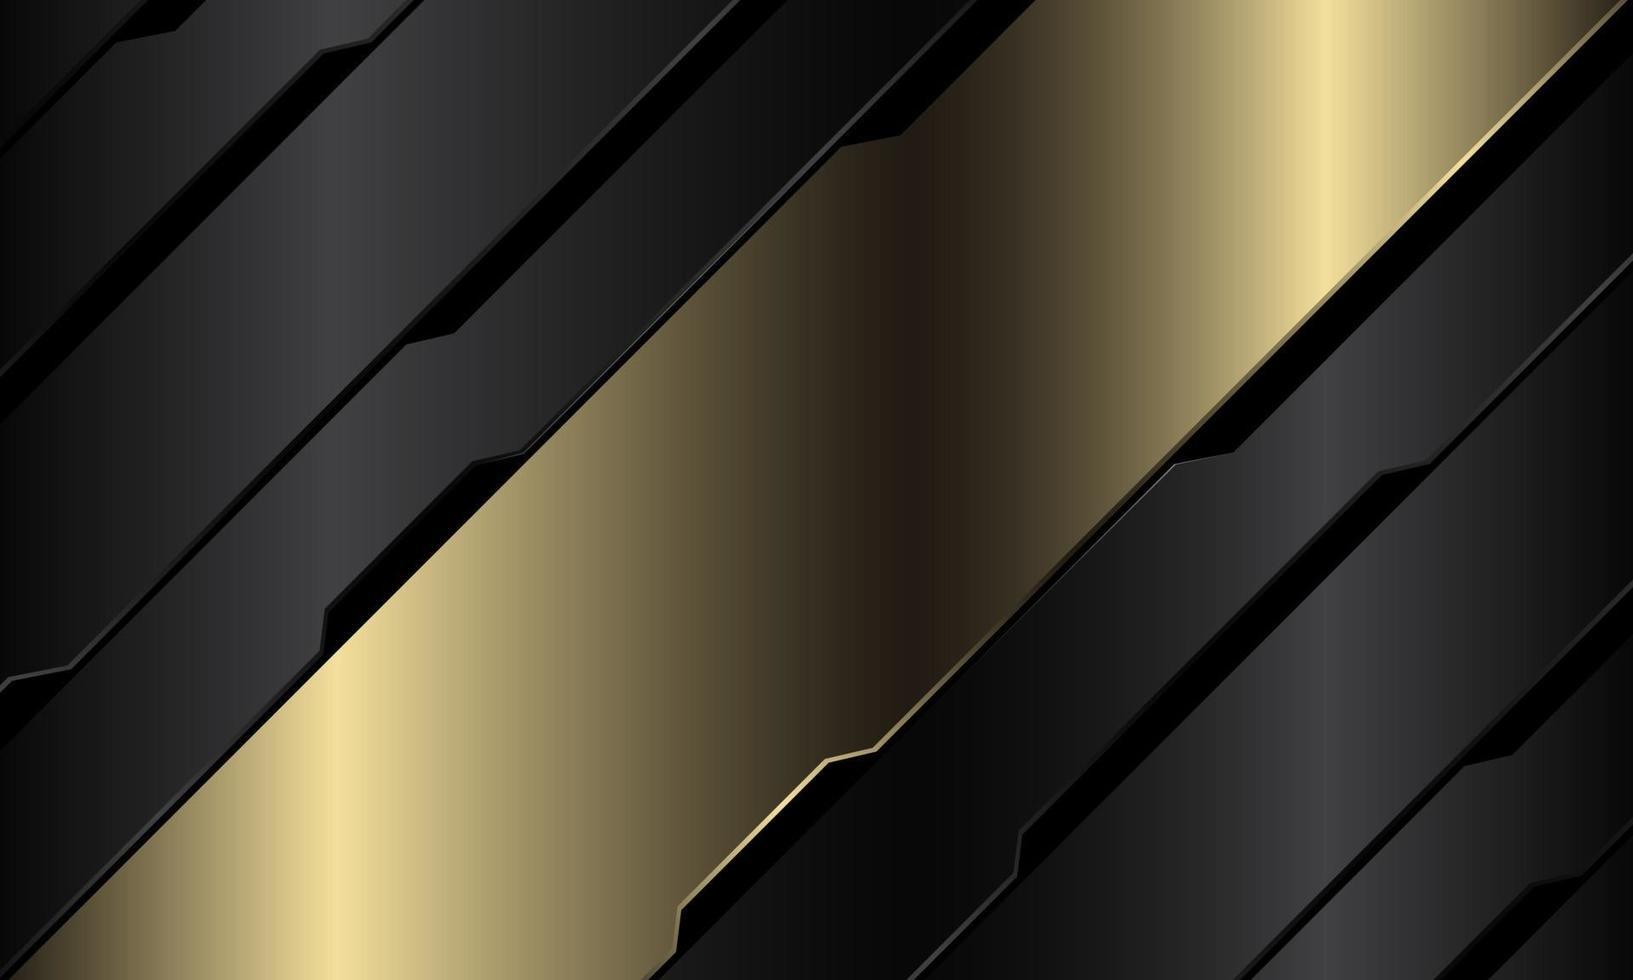 abstrakt guld banner grå metall krets cyber geometrisk snedstreck design modern lyx futuristisk teknik bakgrund vektorillustration. vektor